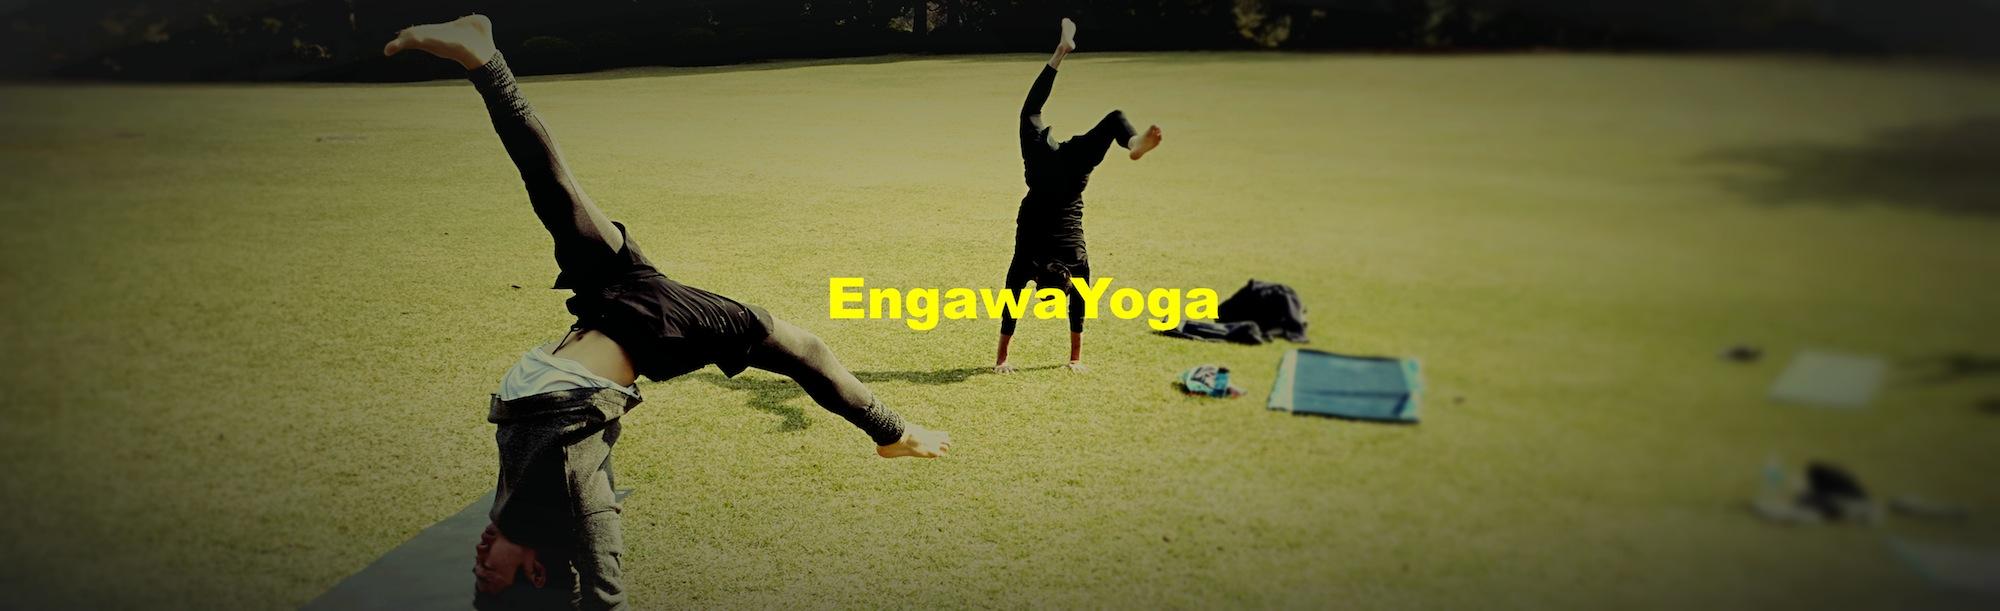 engawayoga-top